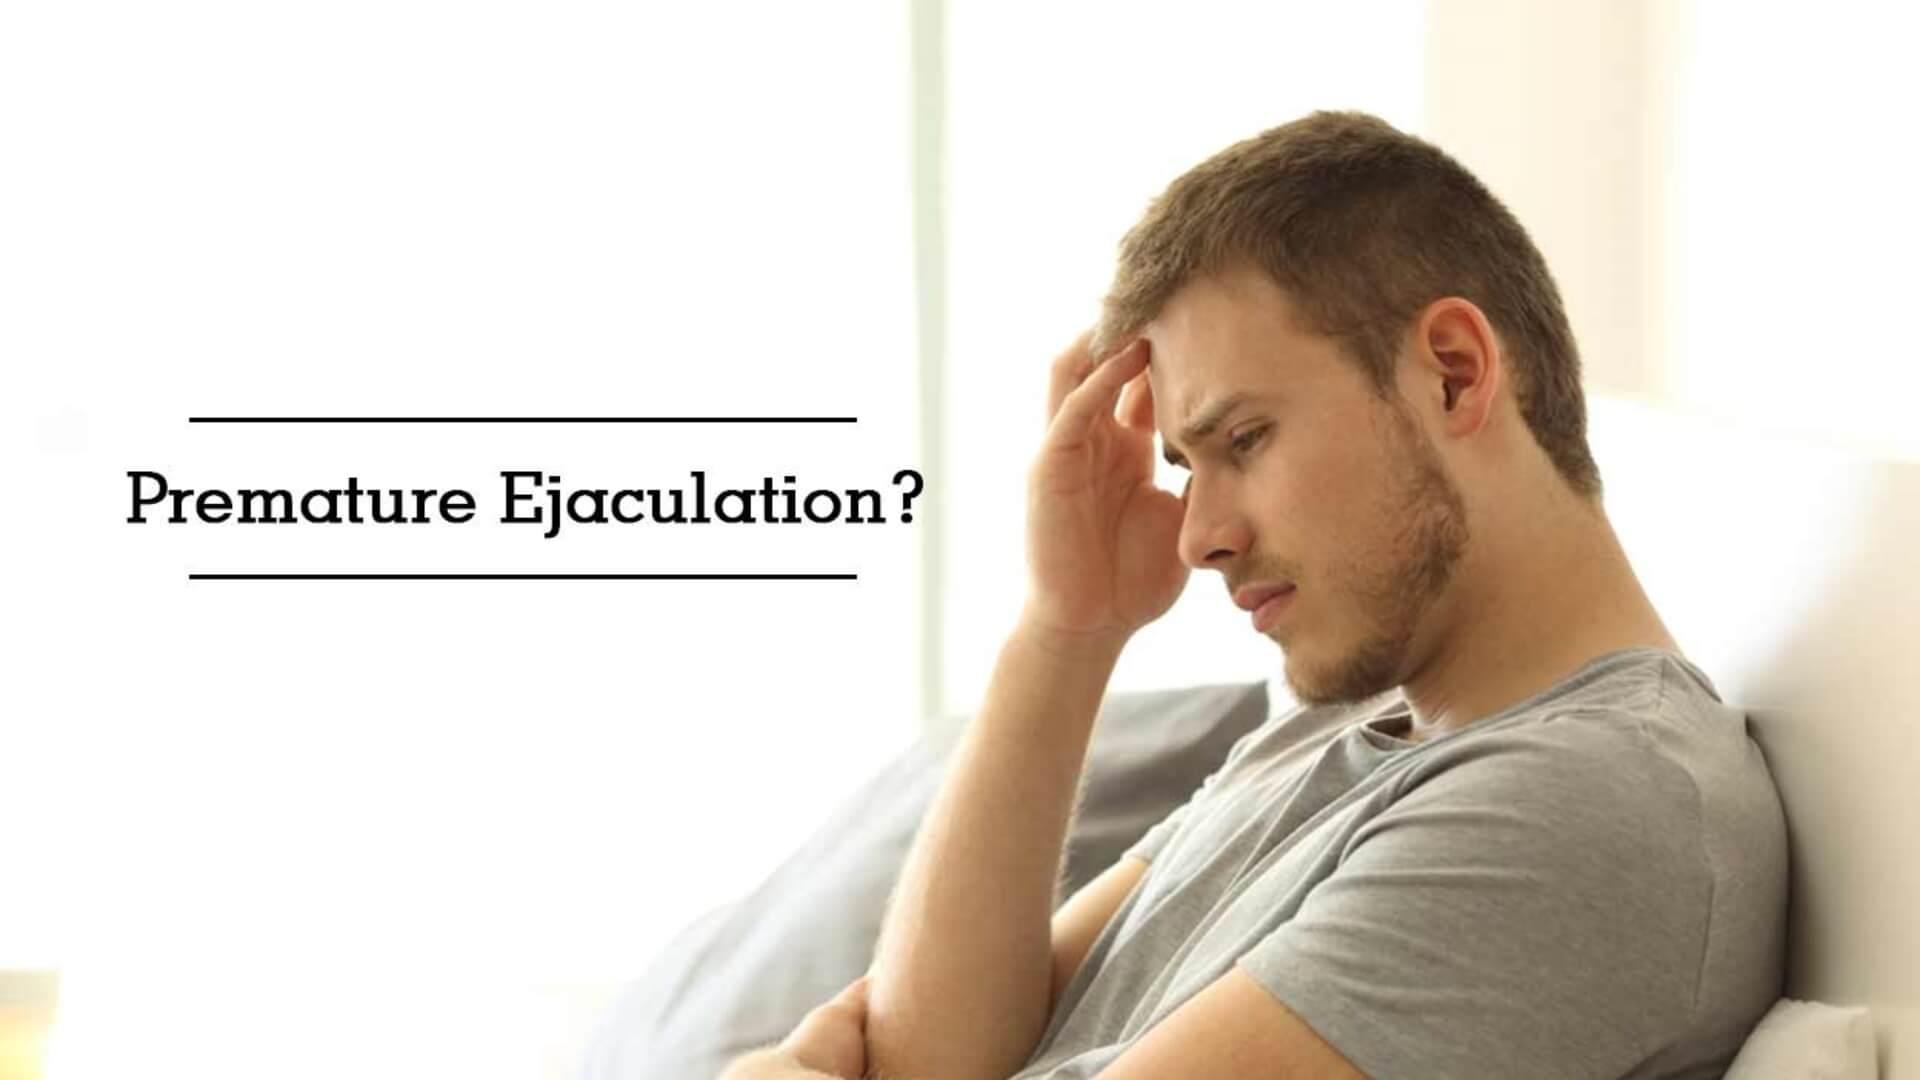 comment traiter l'éjaculation prématurée